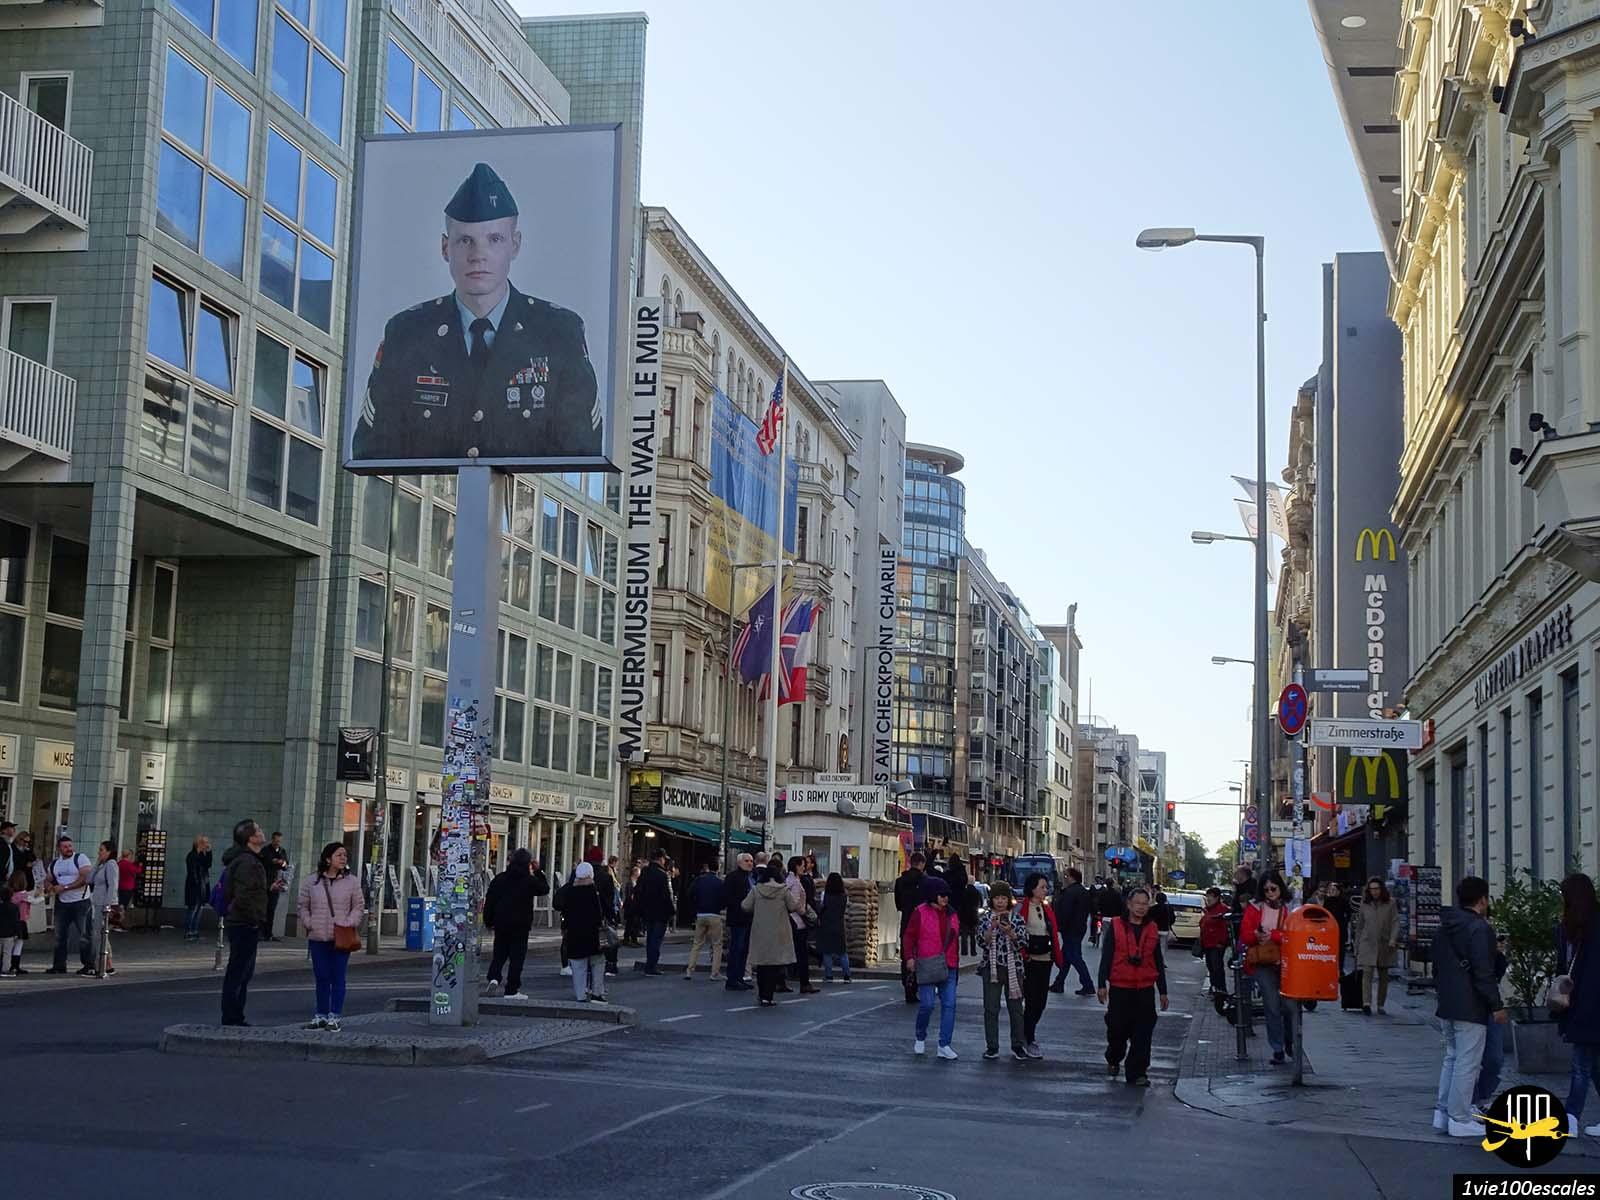 Le célèbre Checkpoint Charlie de Berlin avec le portrait d'un soldat